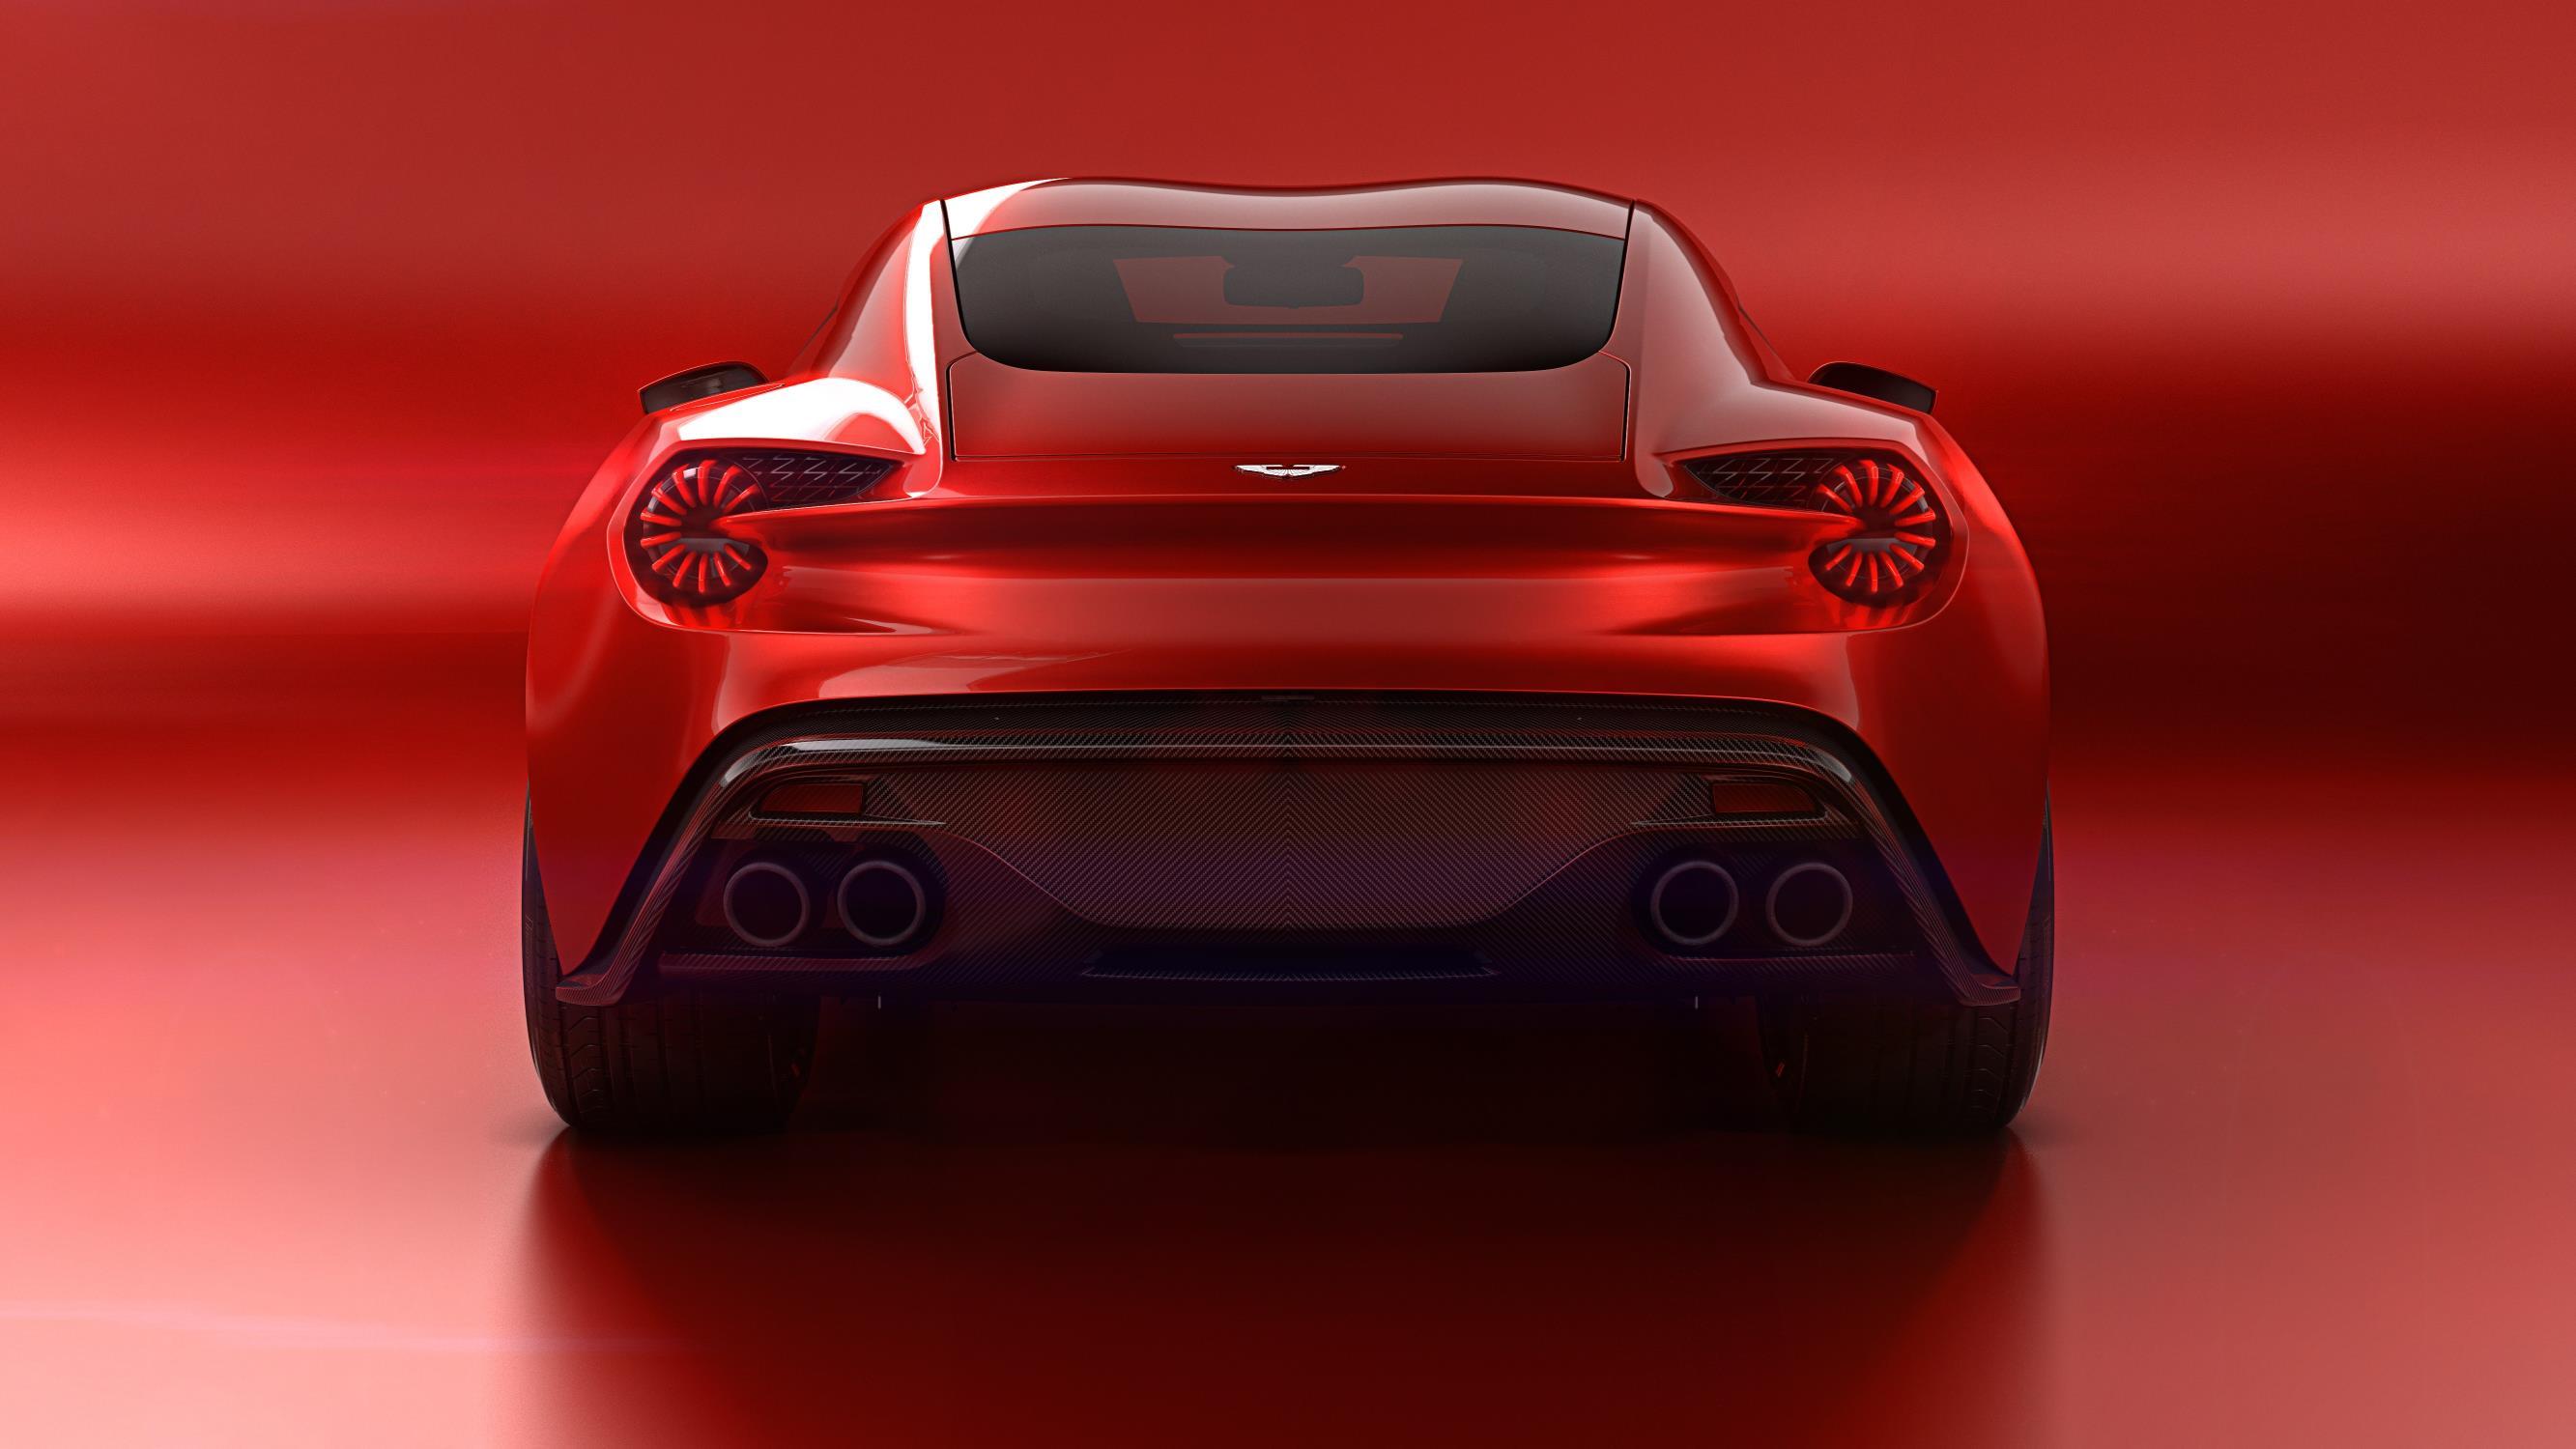 Aston Martin Vanquish Zagato Concept rear